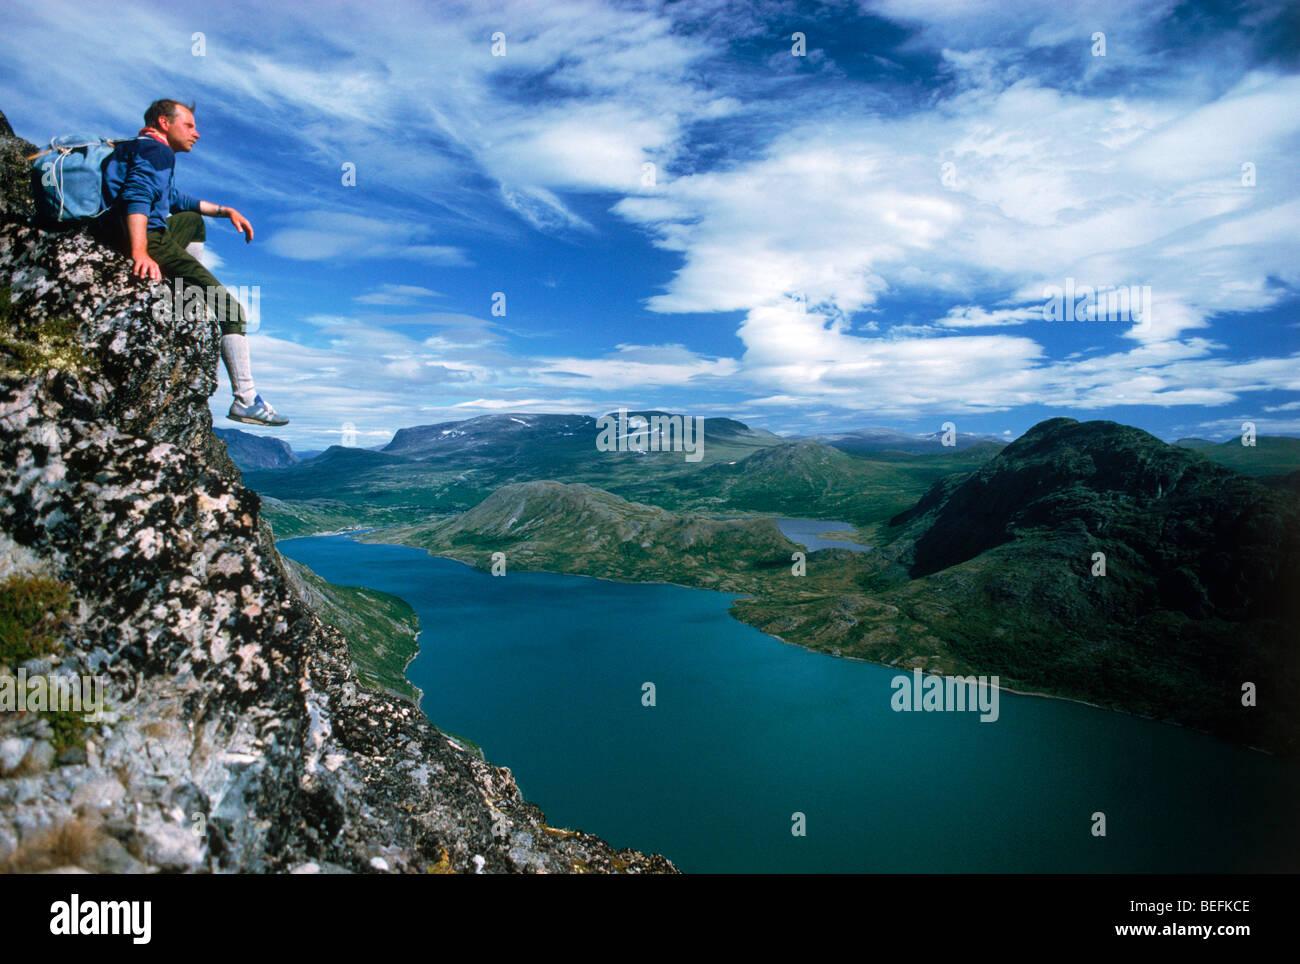 Hiker sitting above Gjende (or Gjendin) Lake in the Jotunheimen mountains in Norway's Jotunheimen National Park Stock Foto